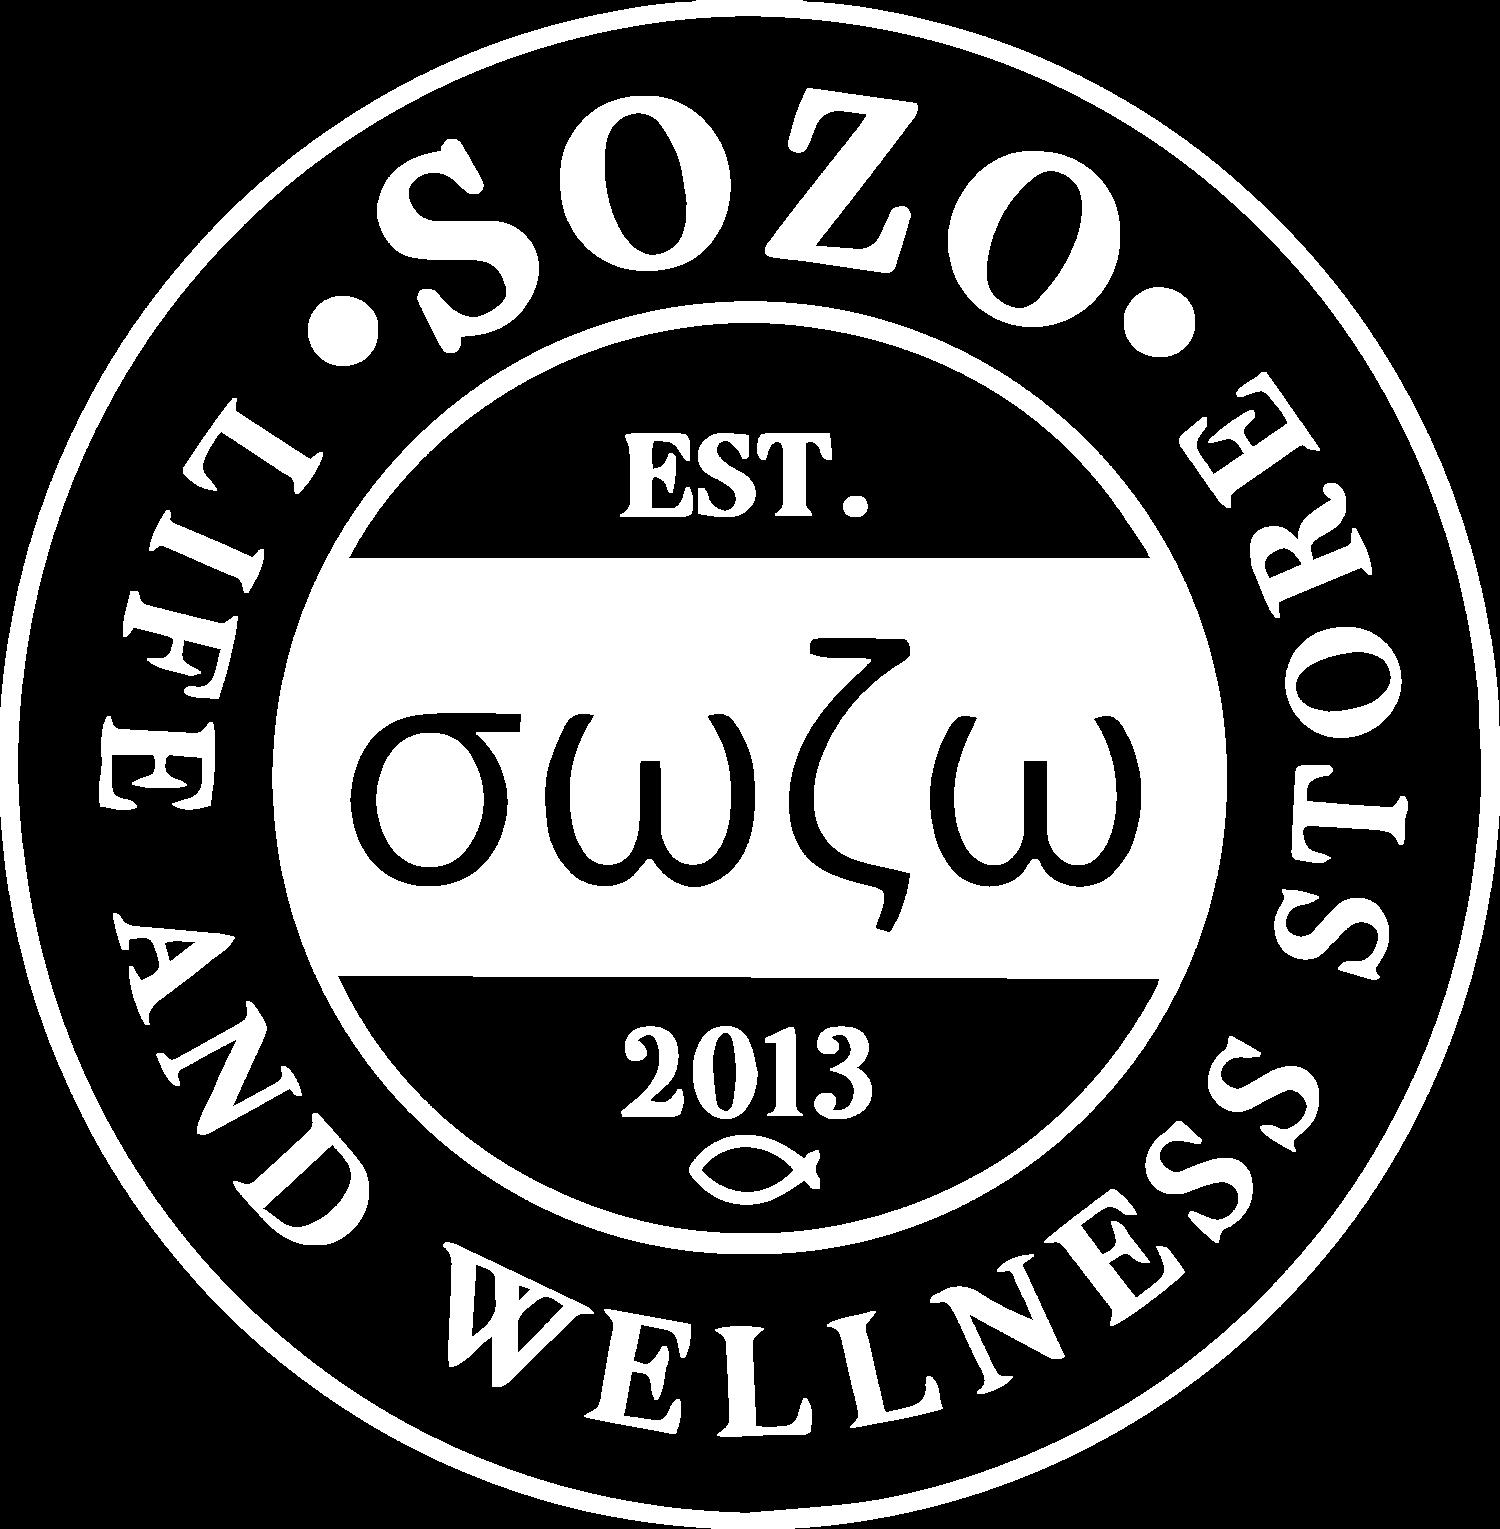 Sozo LIFE + WELLNESS STORE